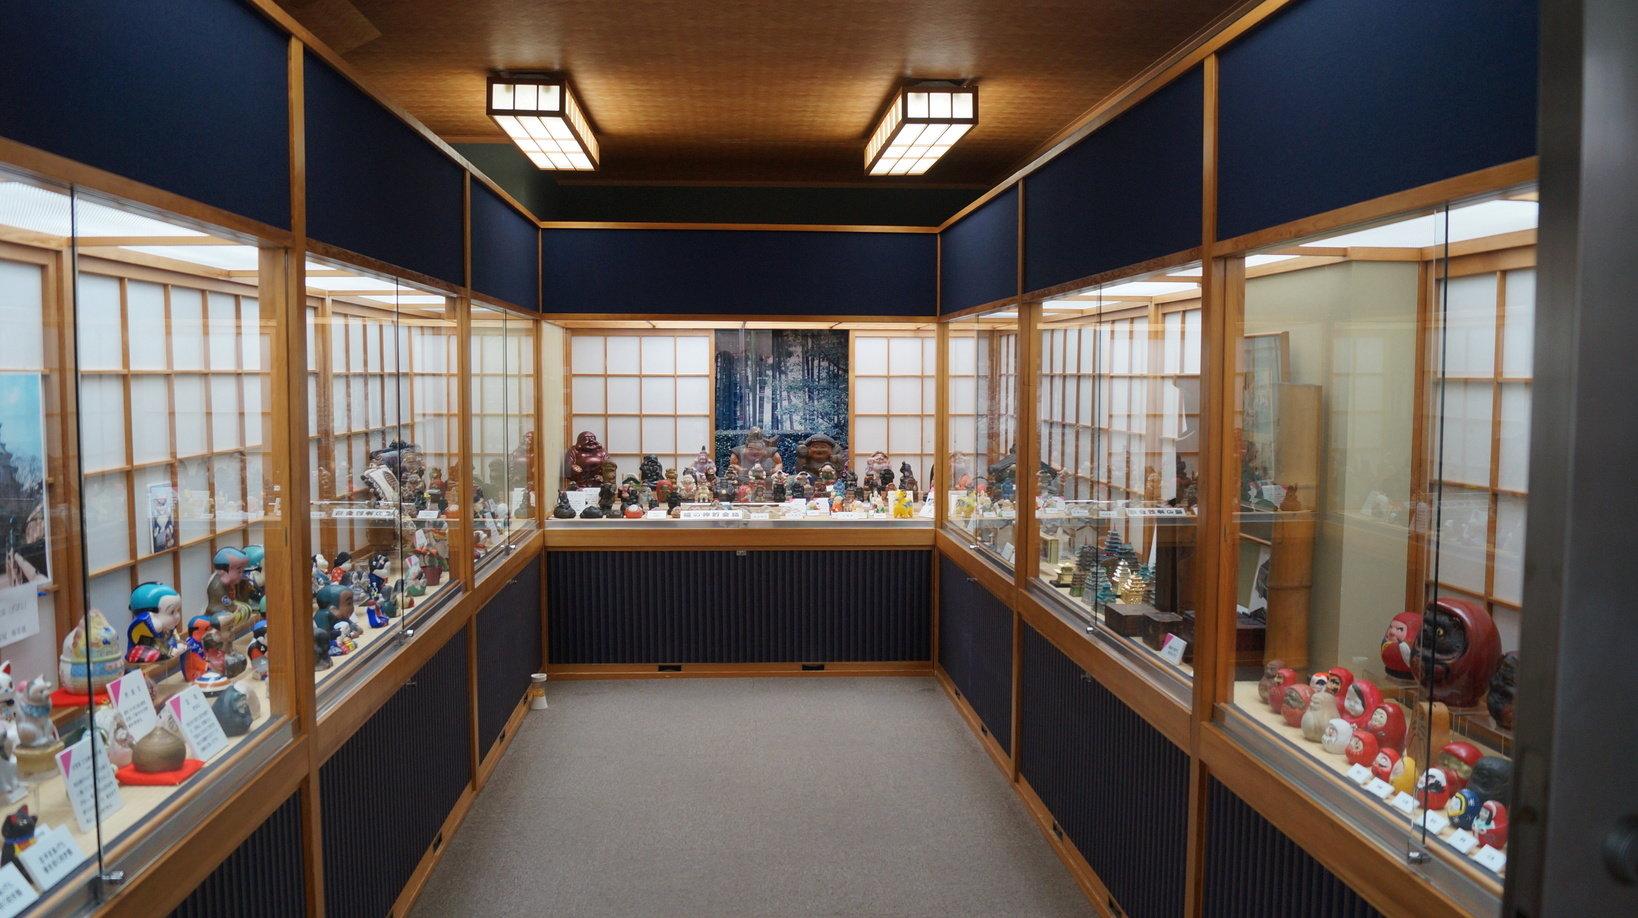 日本の郷土貯金箱が展示されている金庫室。とても綺麗に展示がされているので見やすいです